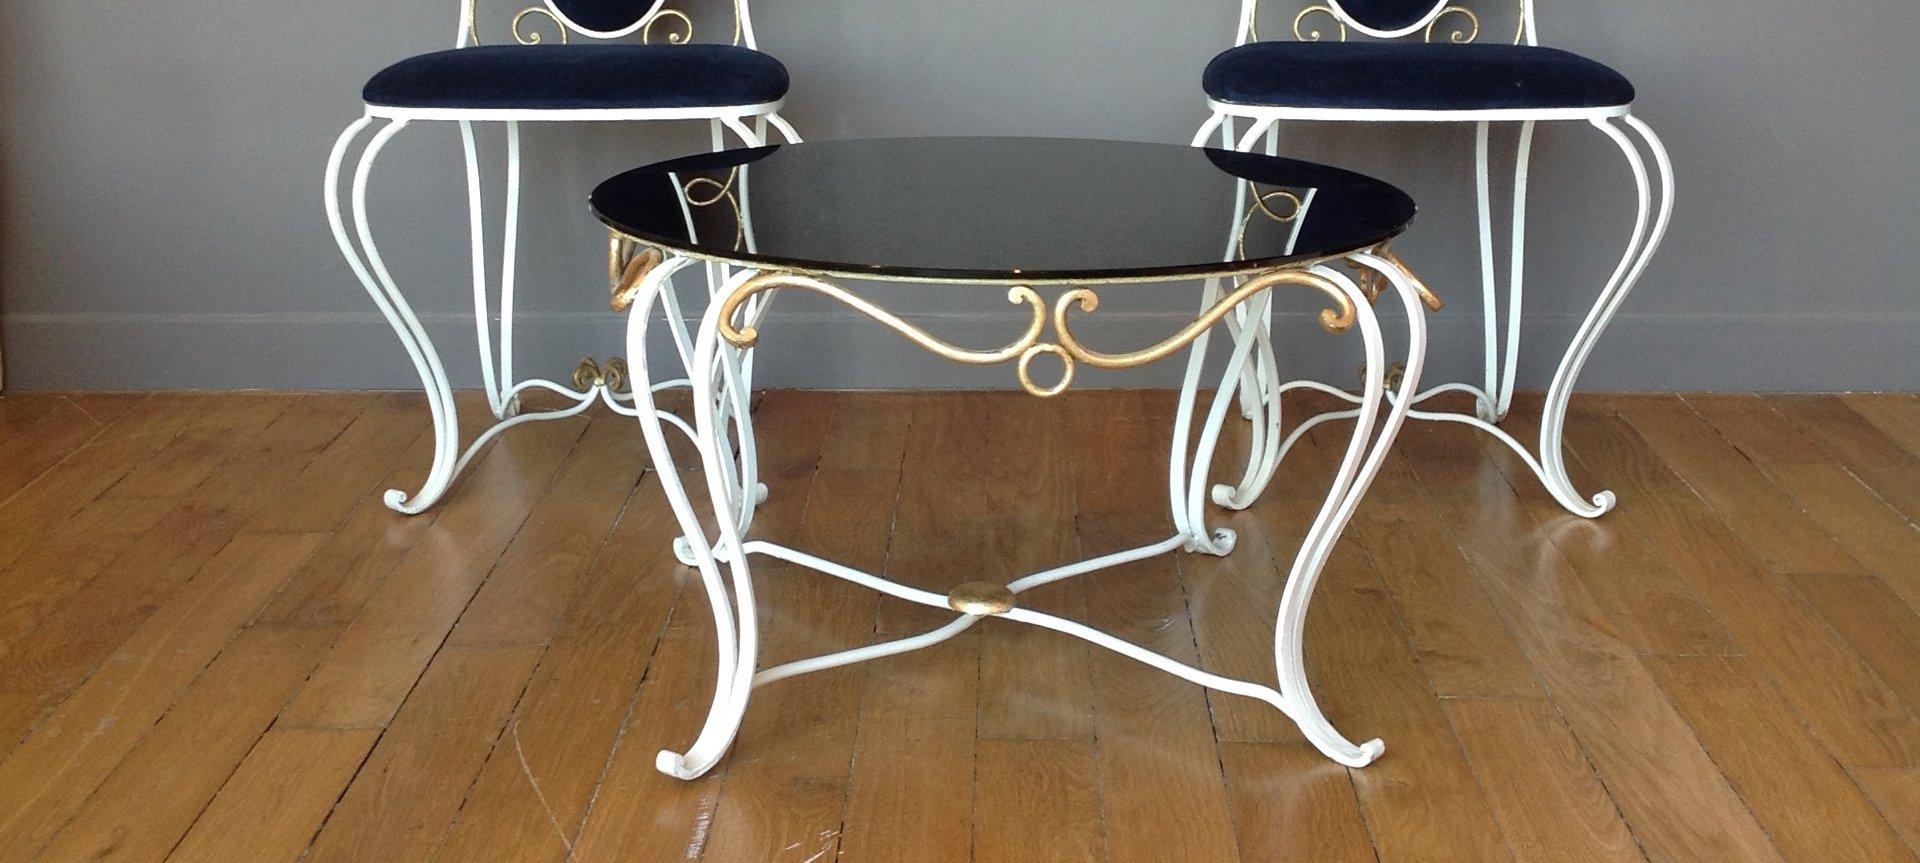 table basse en fer forg 1950s en vente sur pamono. Black Bedroom Furniture Sets. Home Design Ideas